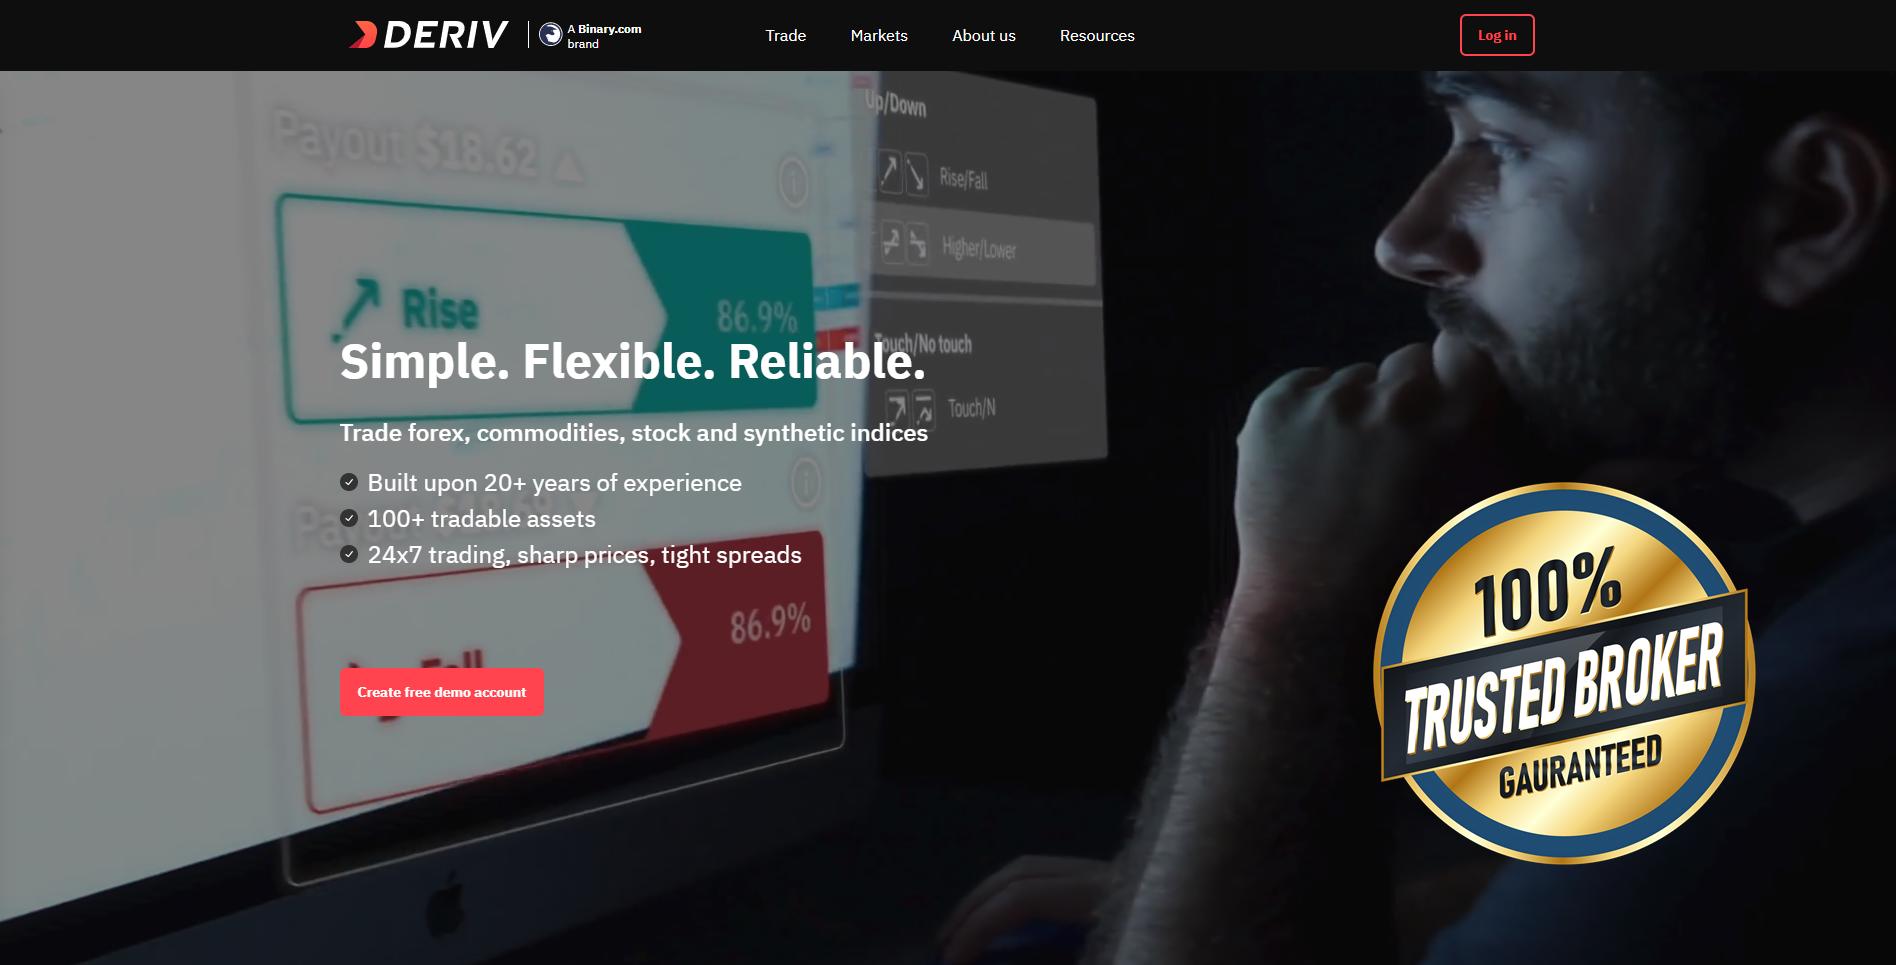 kereskedés videóval bináris opciókat kereshet